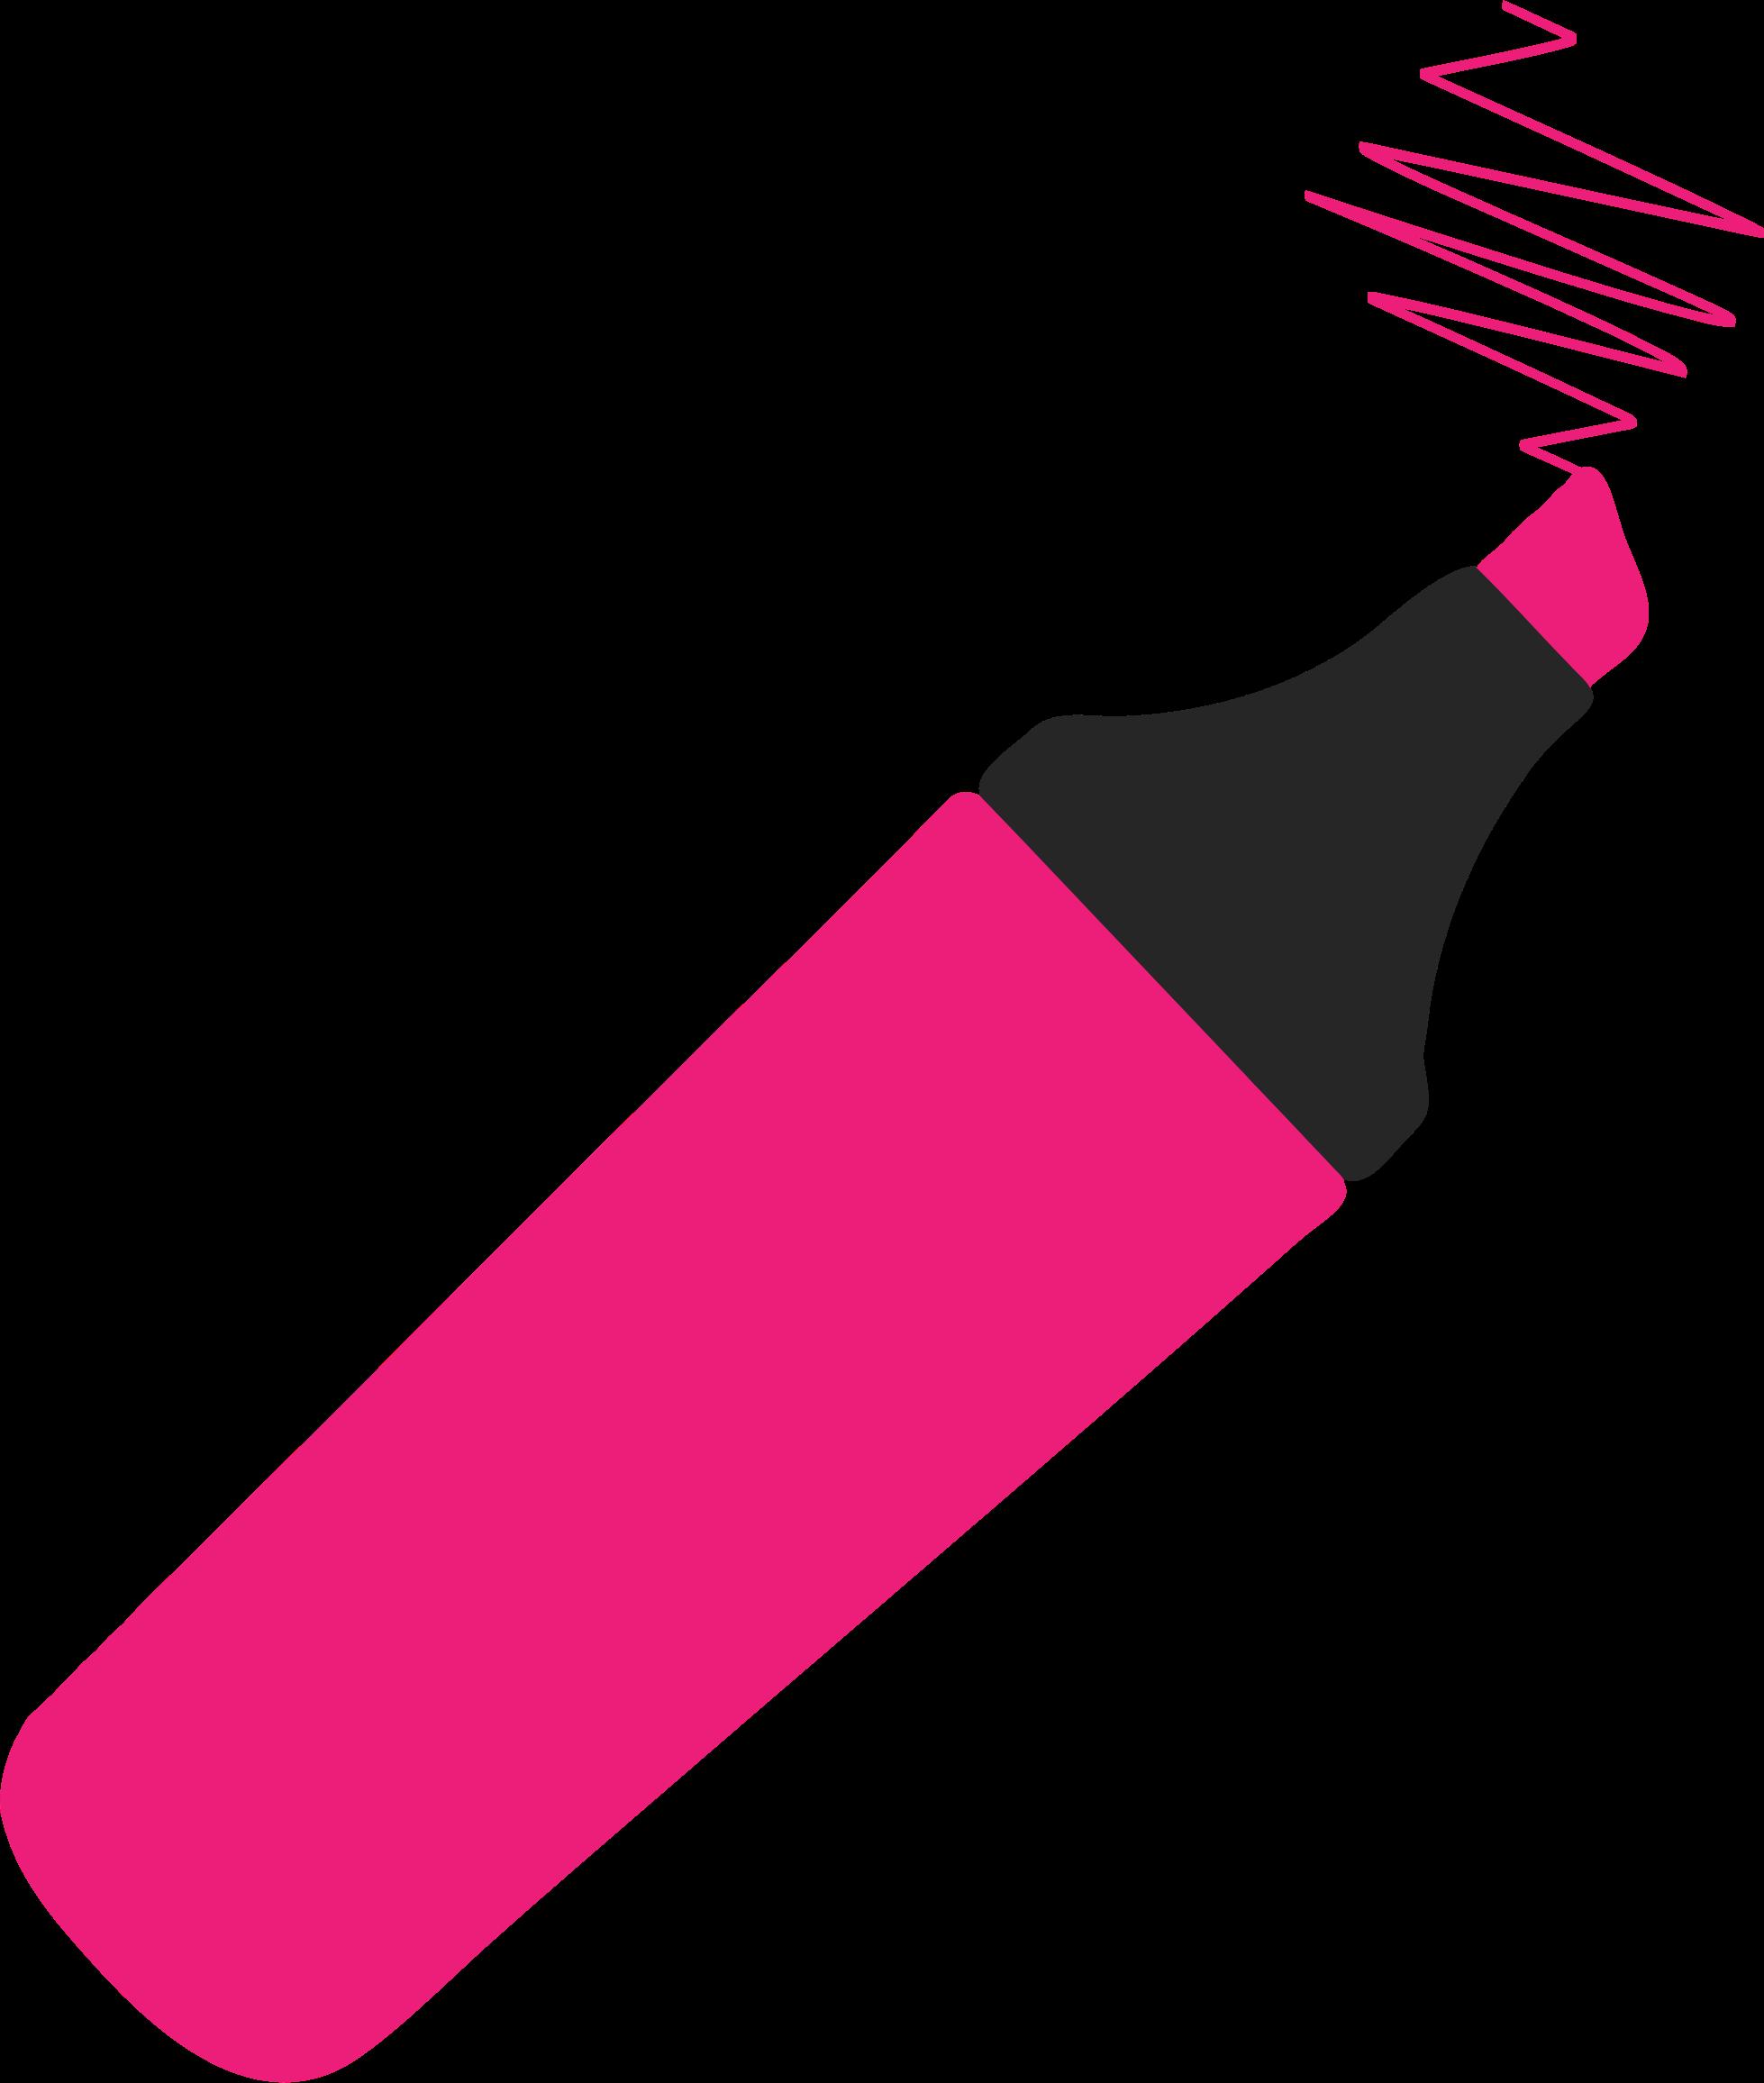 Highlighter pen clipart.